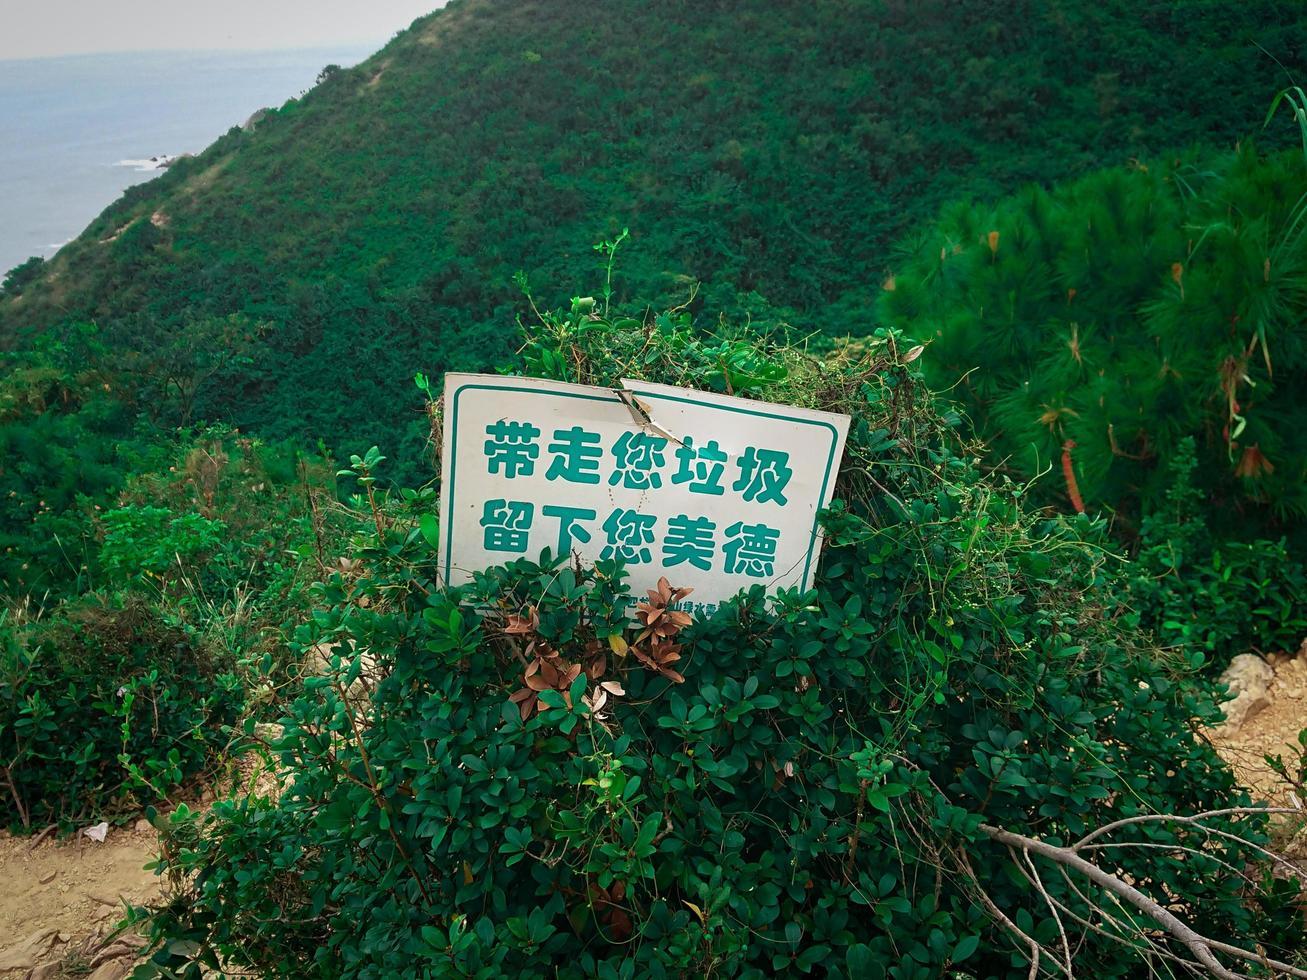 un panneau d'affichage chinois pour emporter les ordures photo